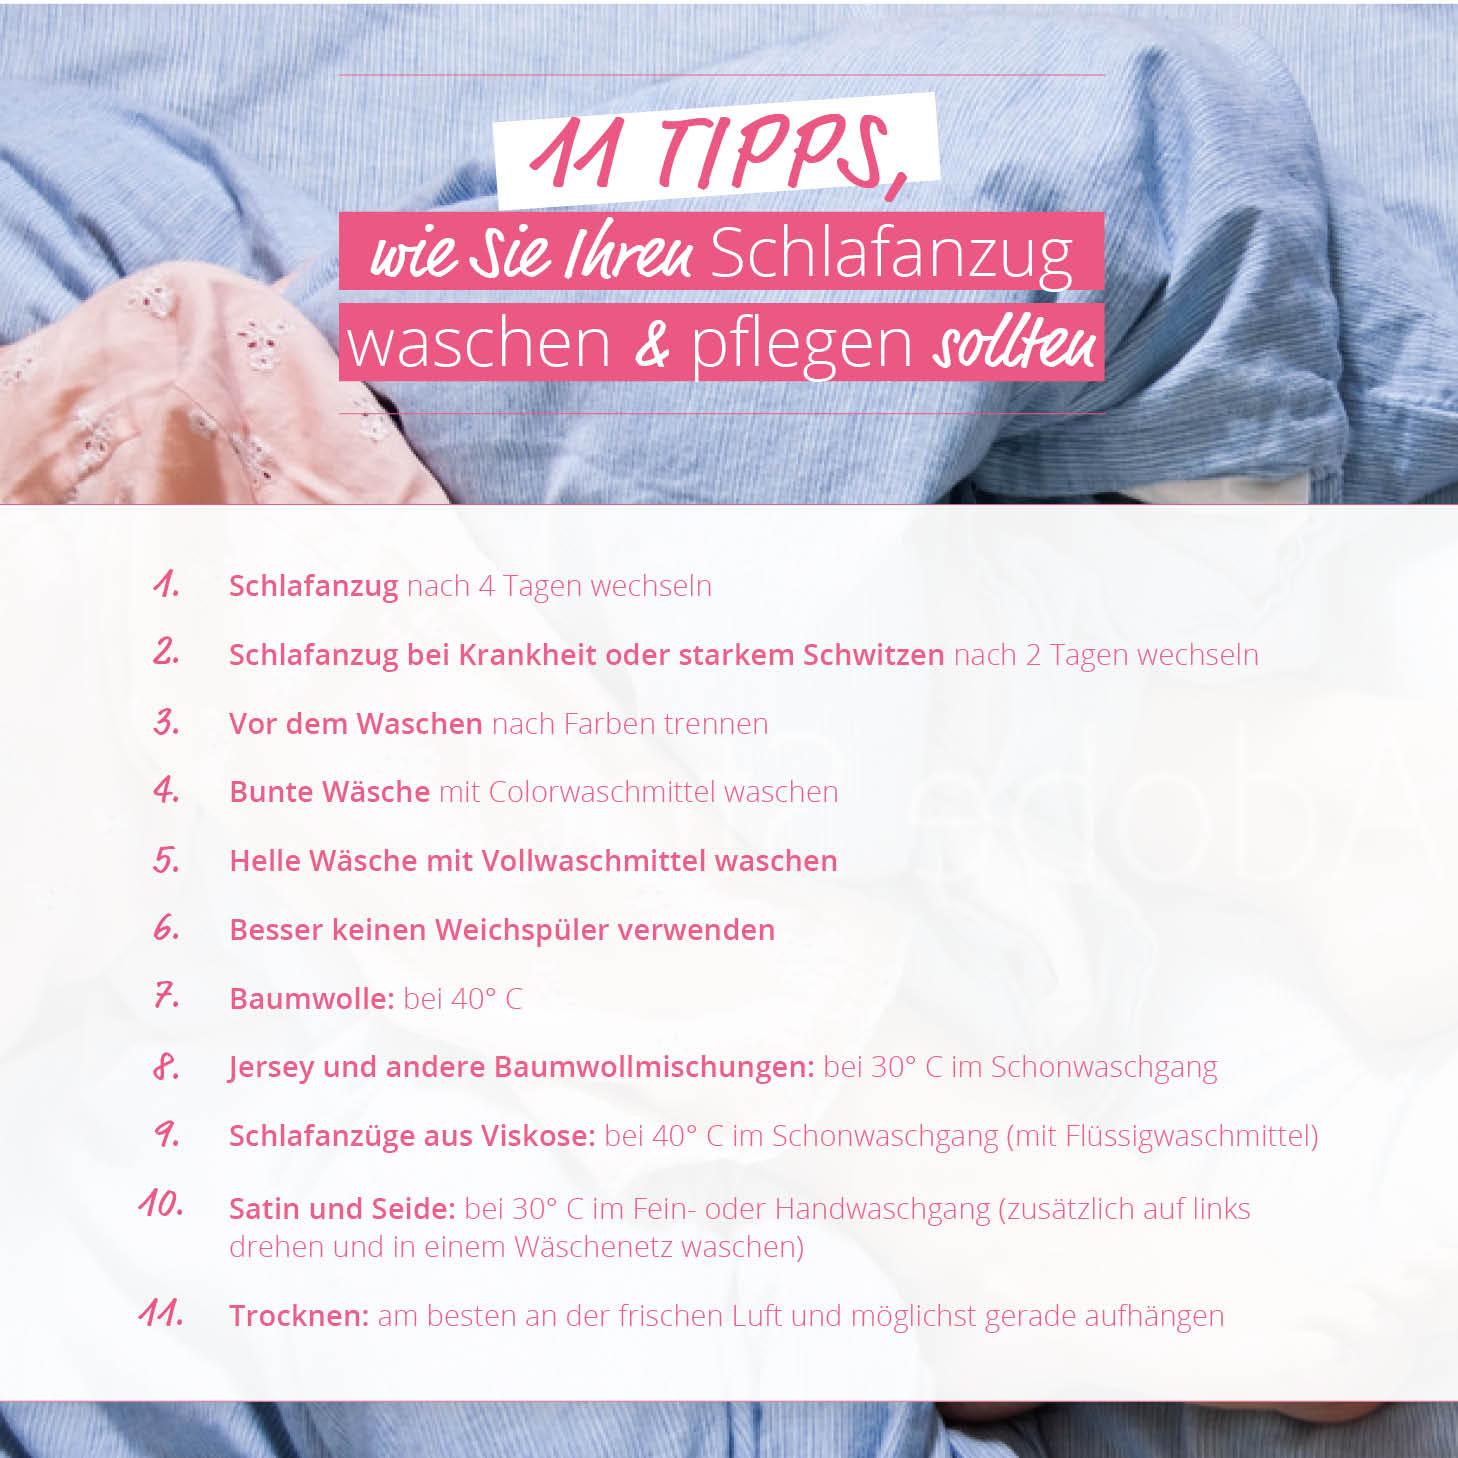 11 Tipps - Pflege Schlafanzug